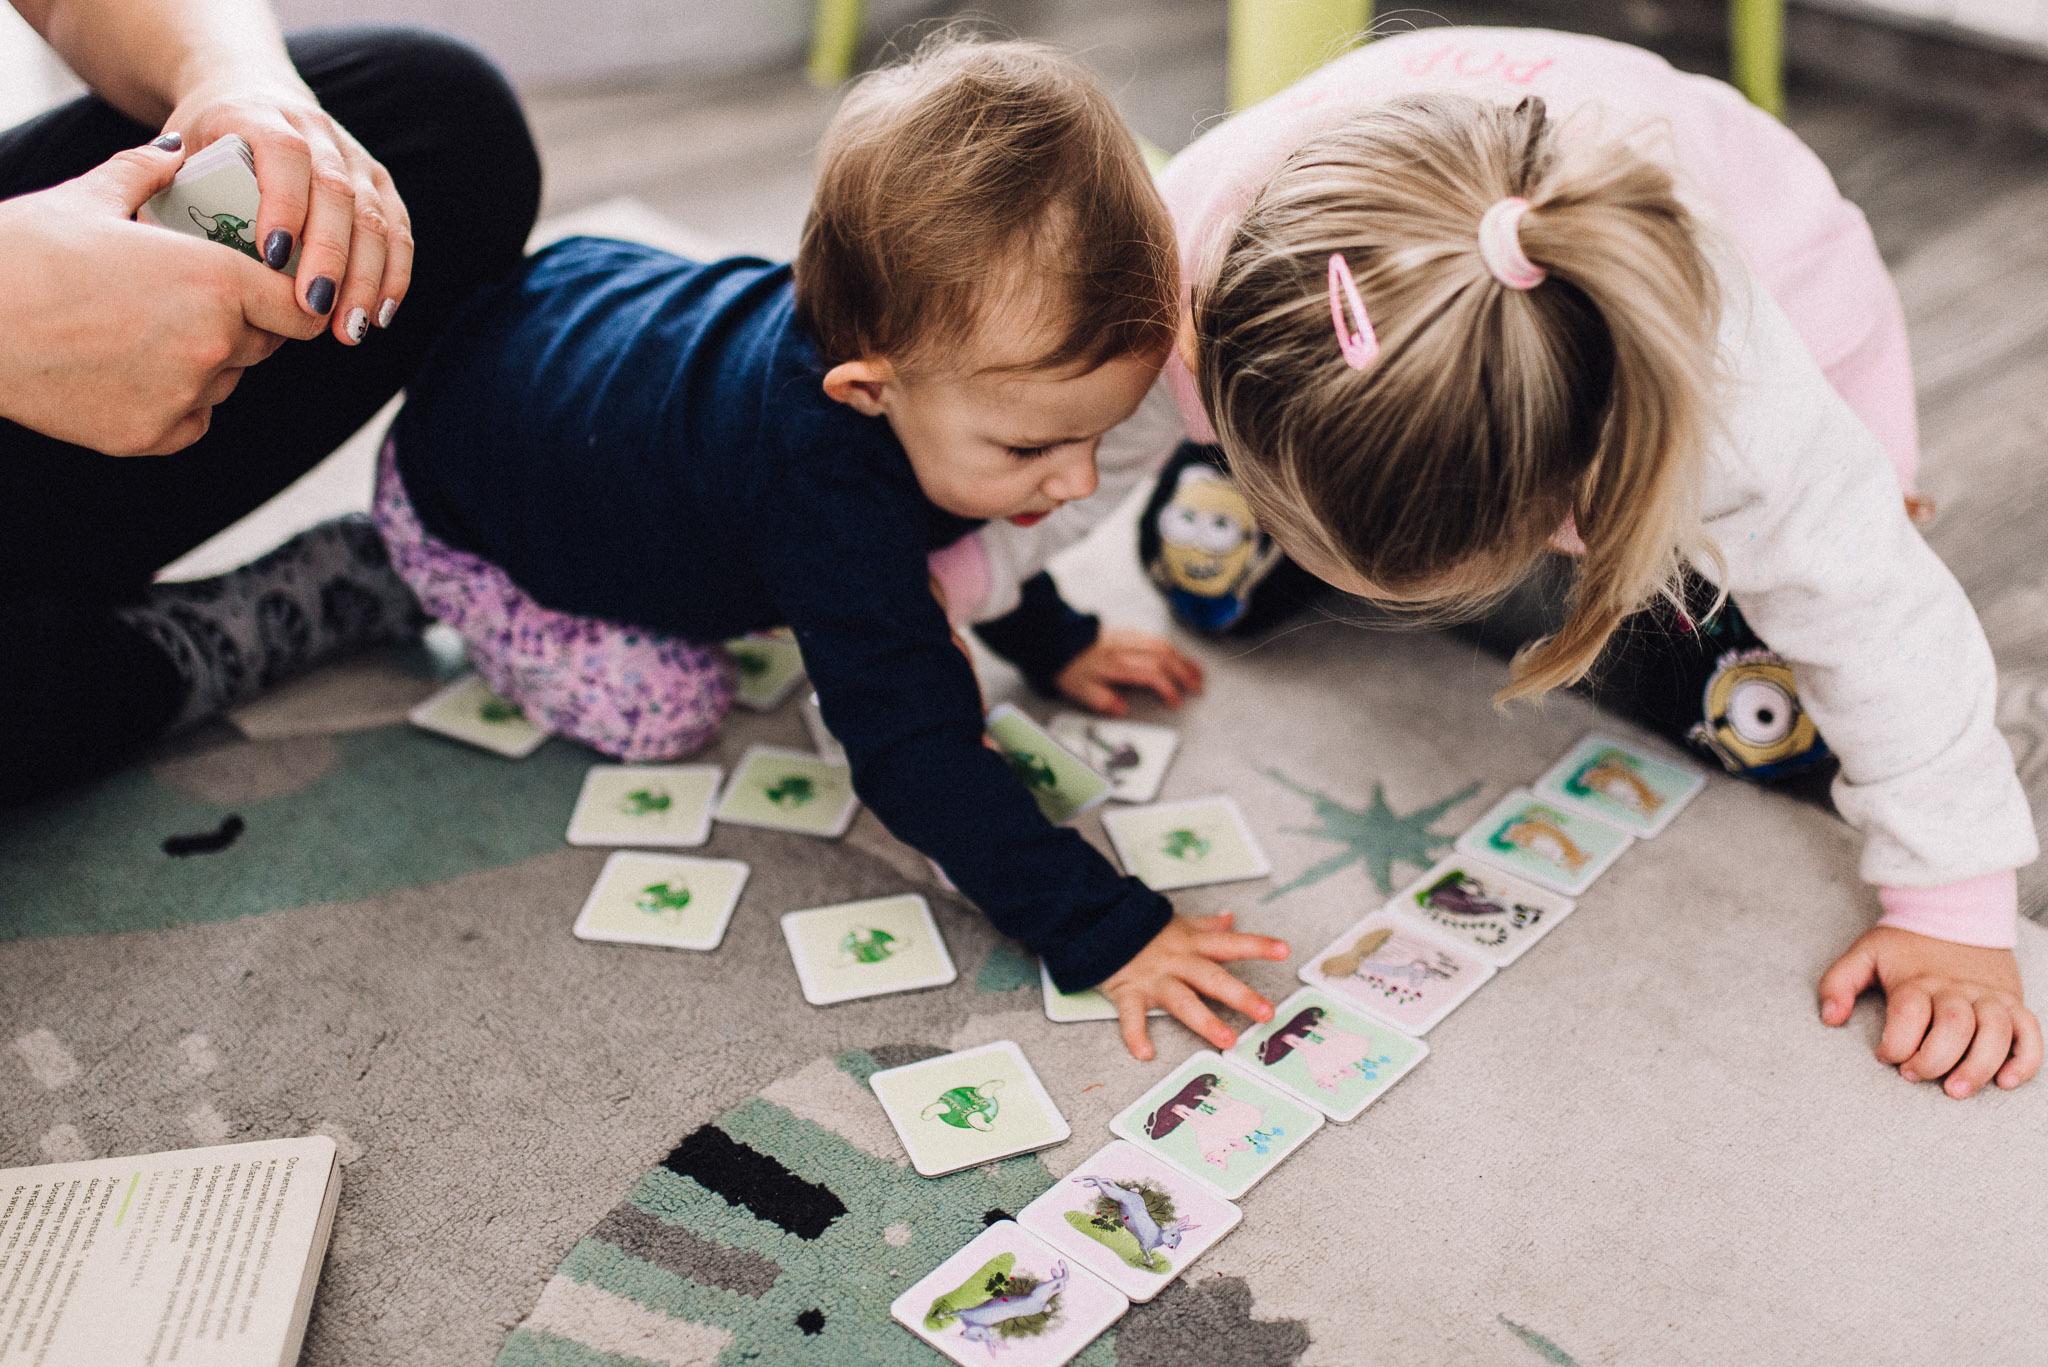 Memory dzieci dla dzieci i Moje memory – recenzja gier, którym warto poświęcić czas